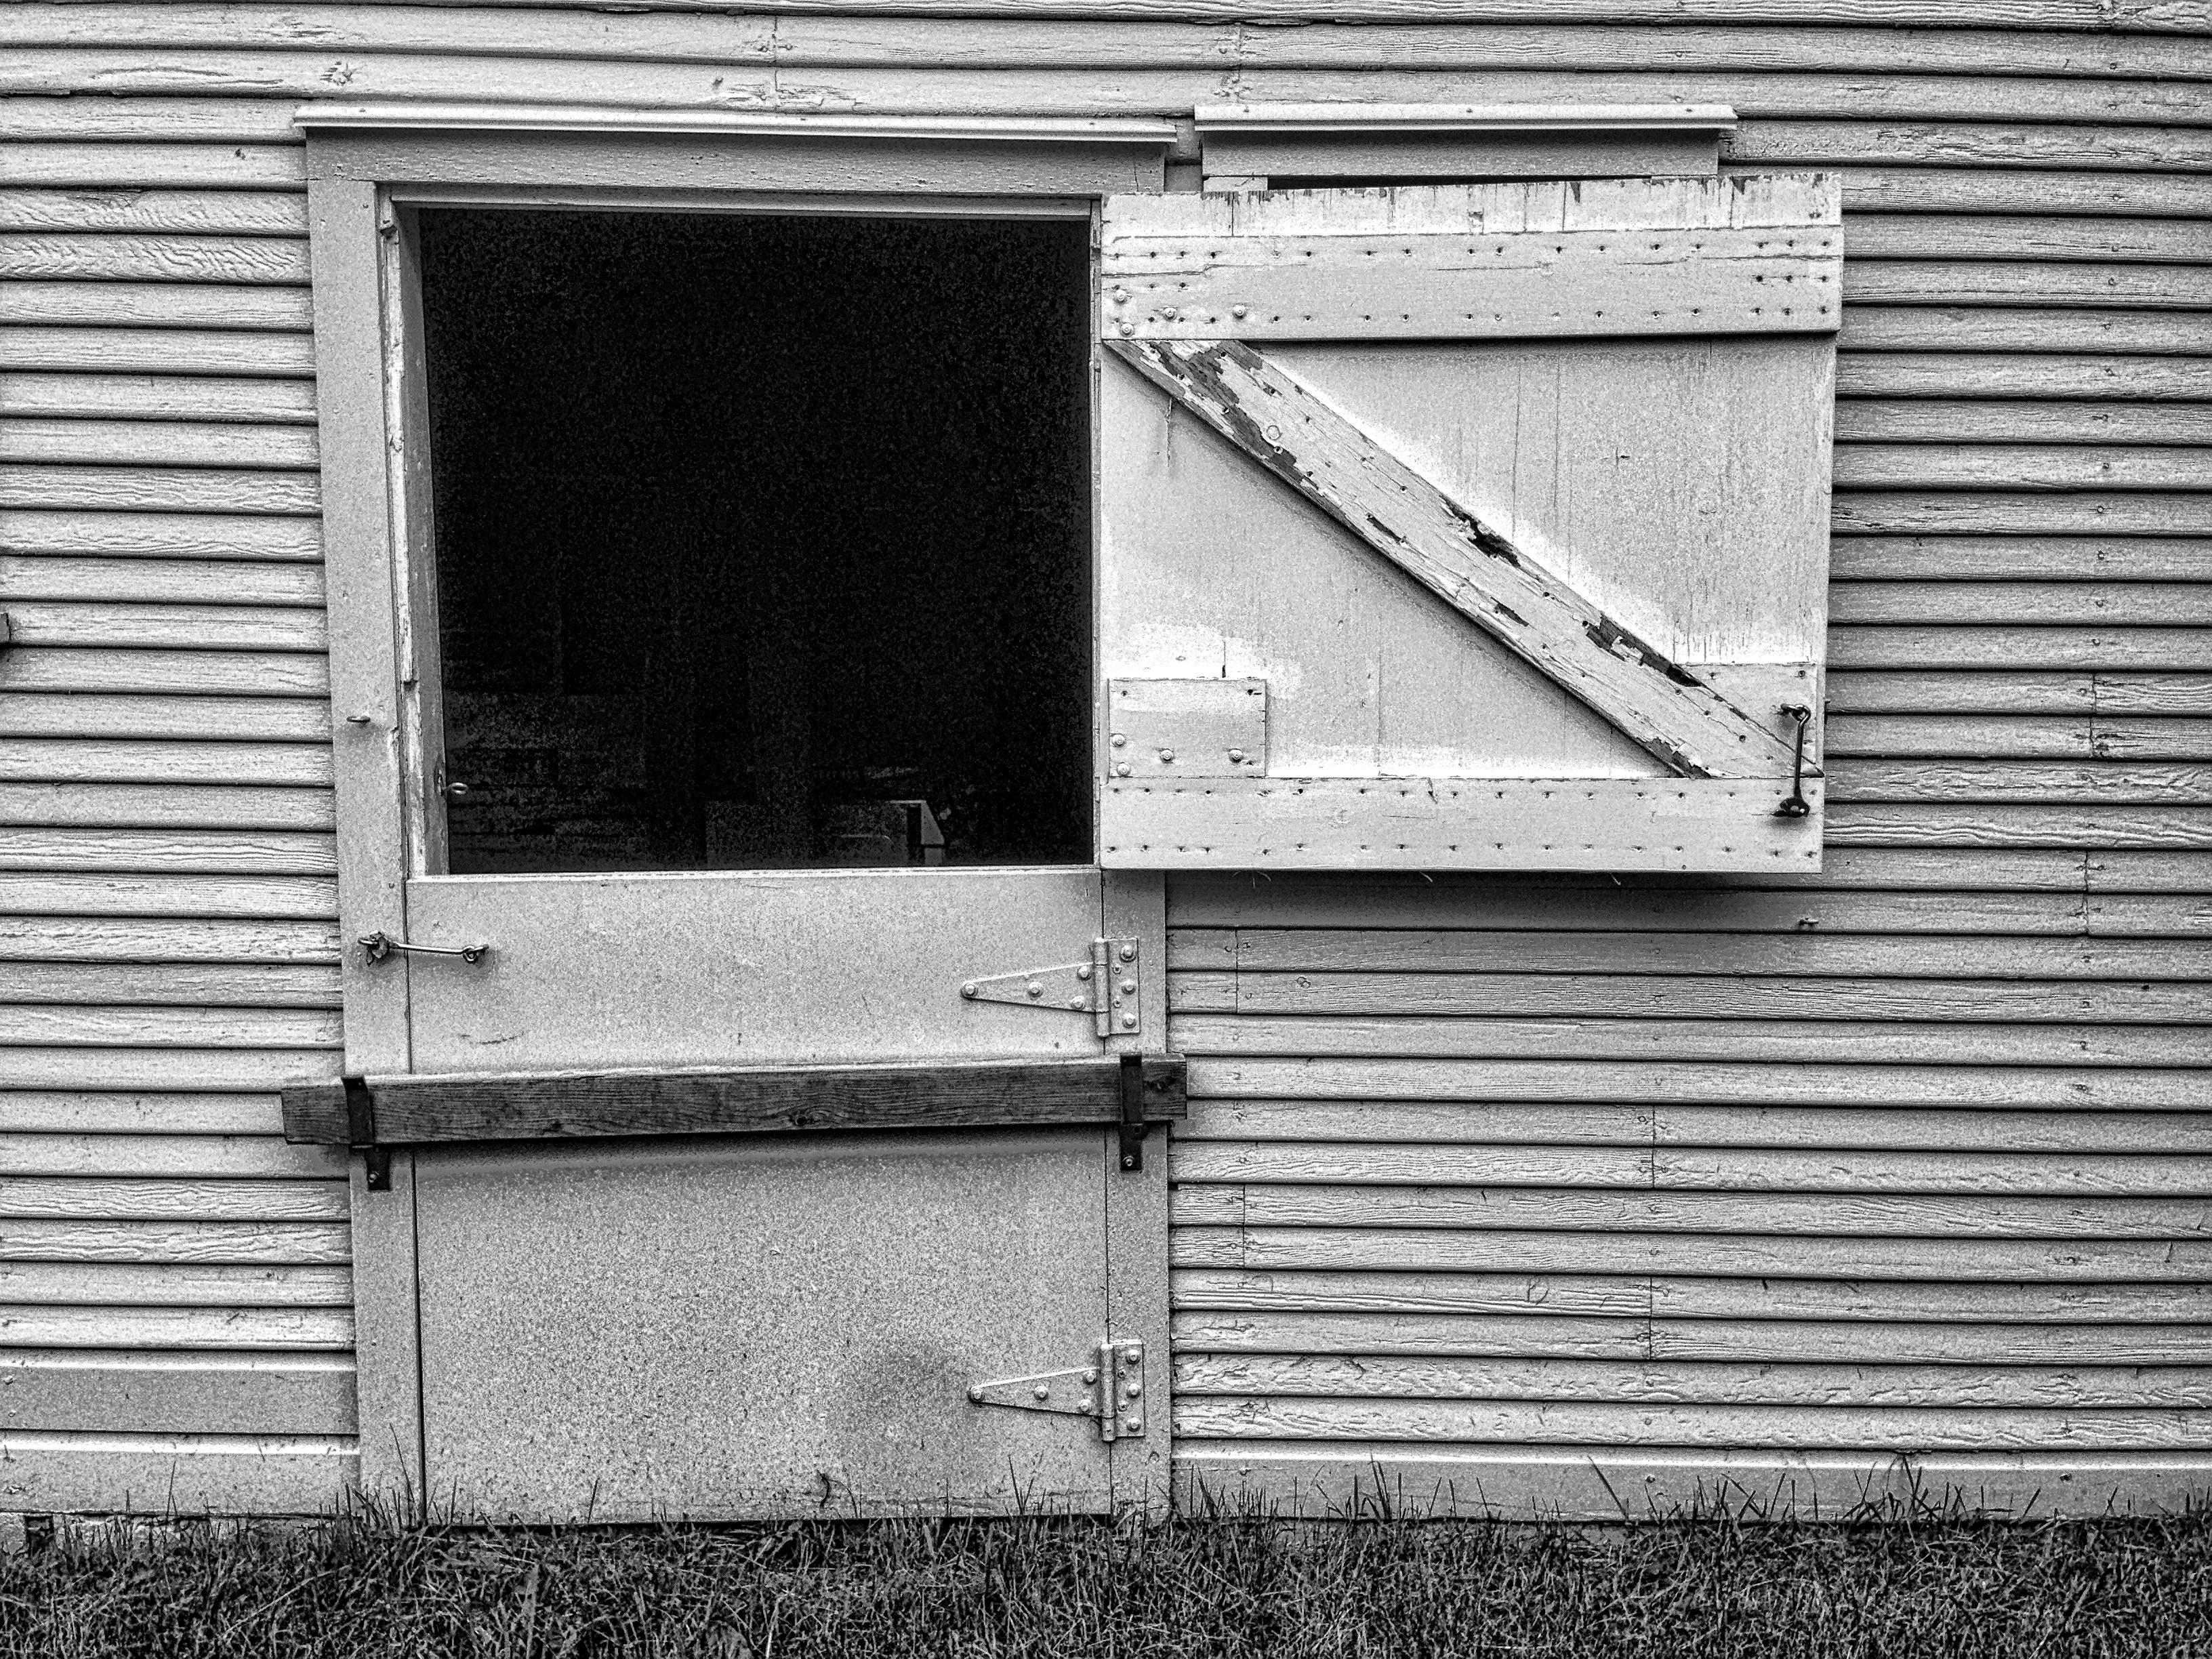 Fotos gratis : en blanco y negro, madera, casa, granero, pared ...